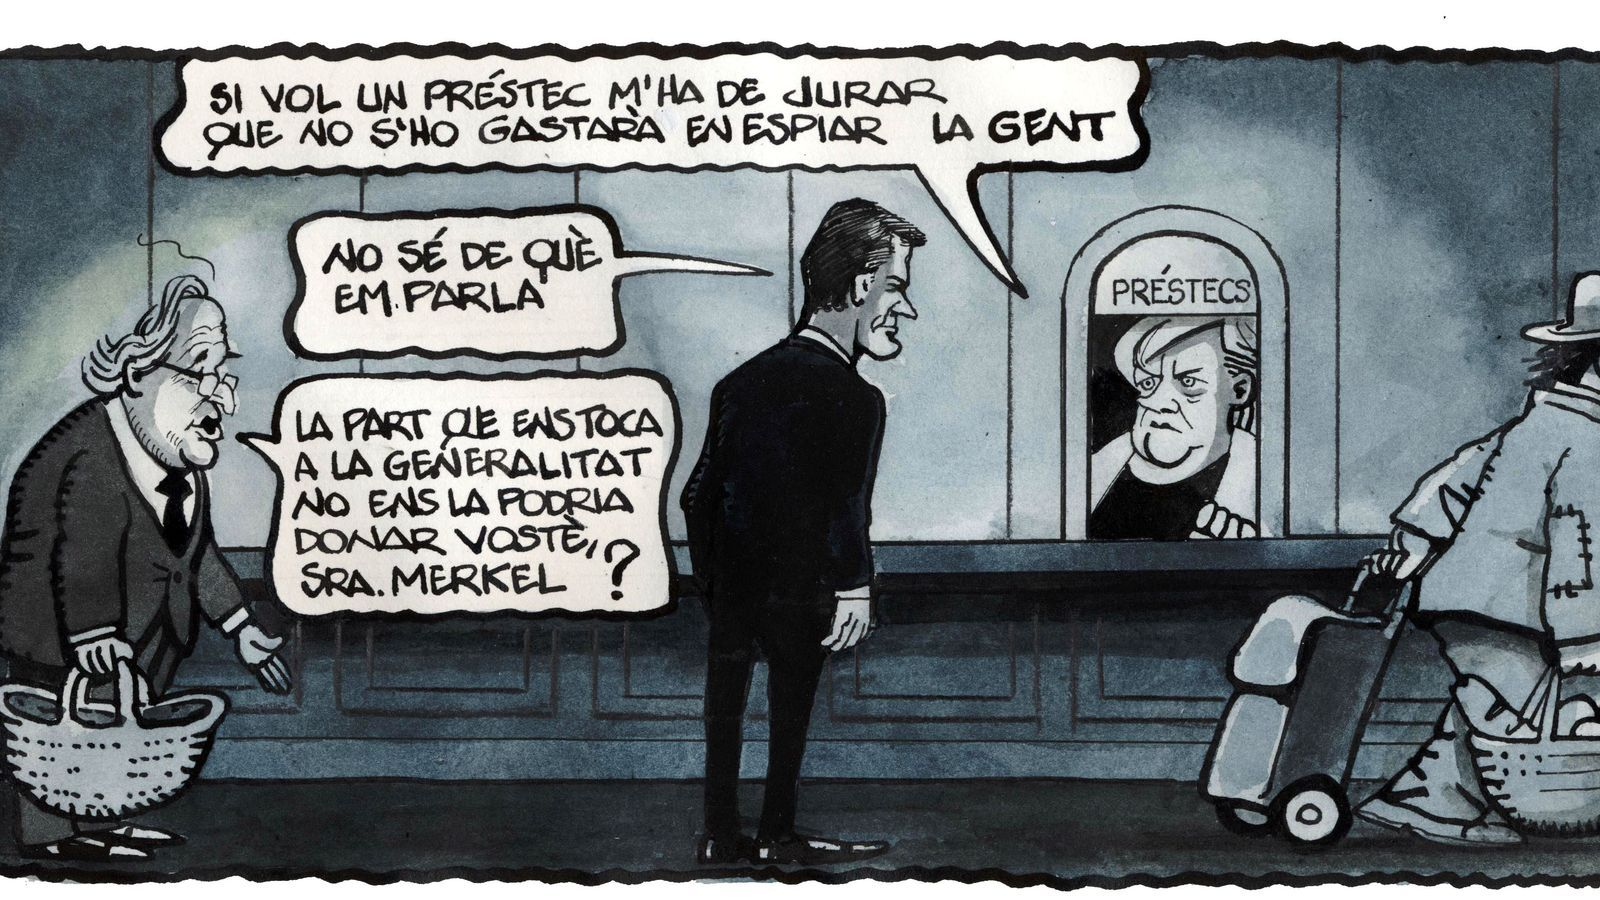 'A la contra', per Ferreres 18/07/2020